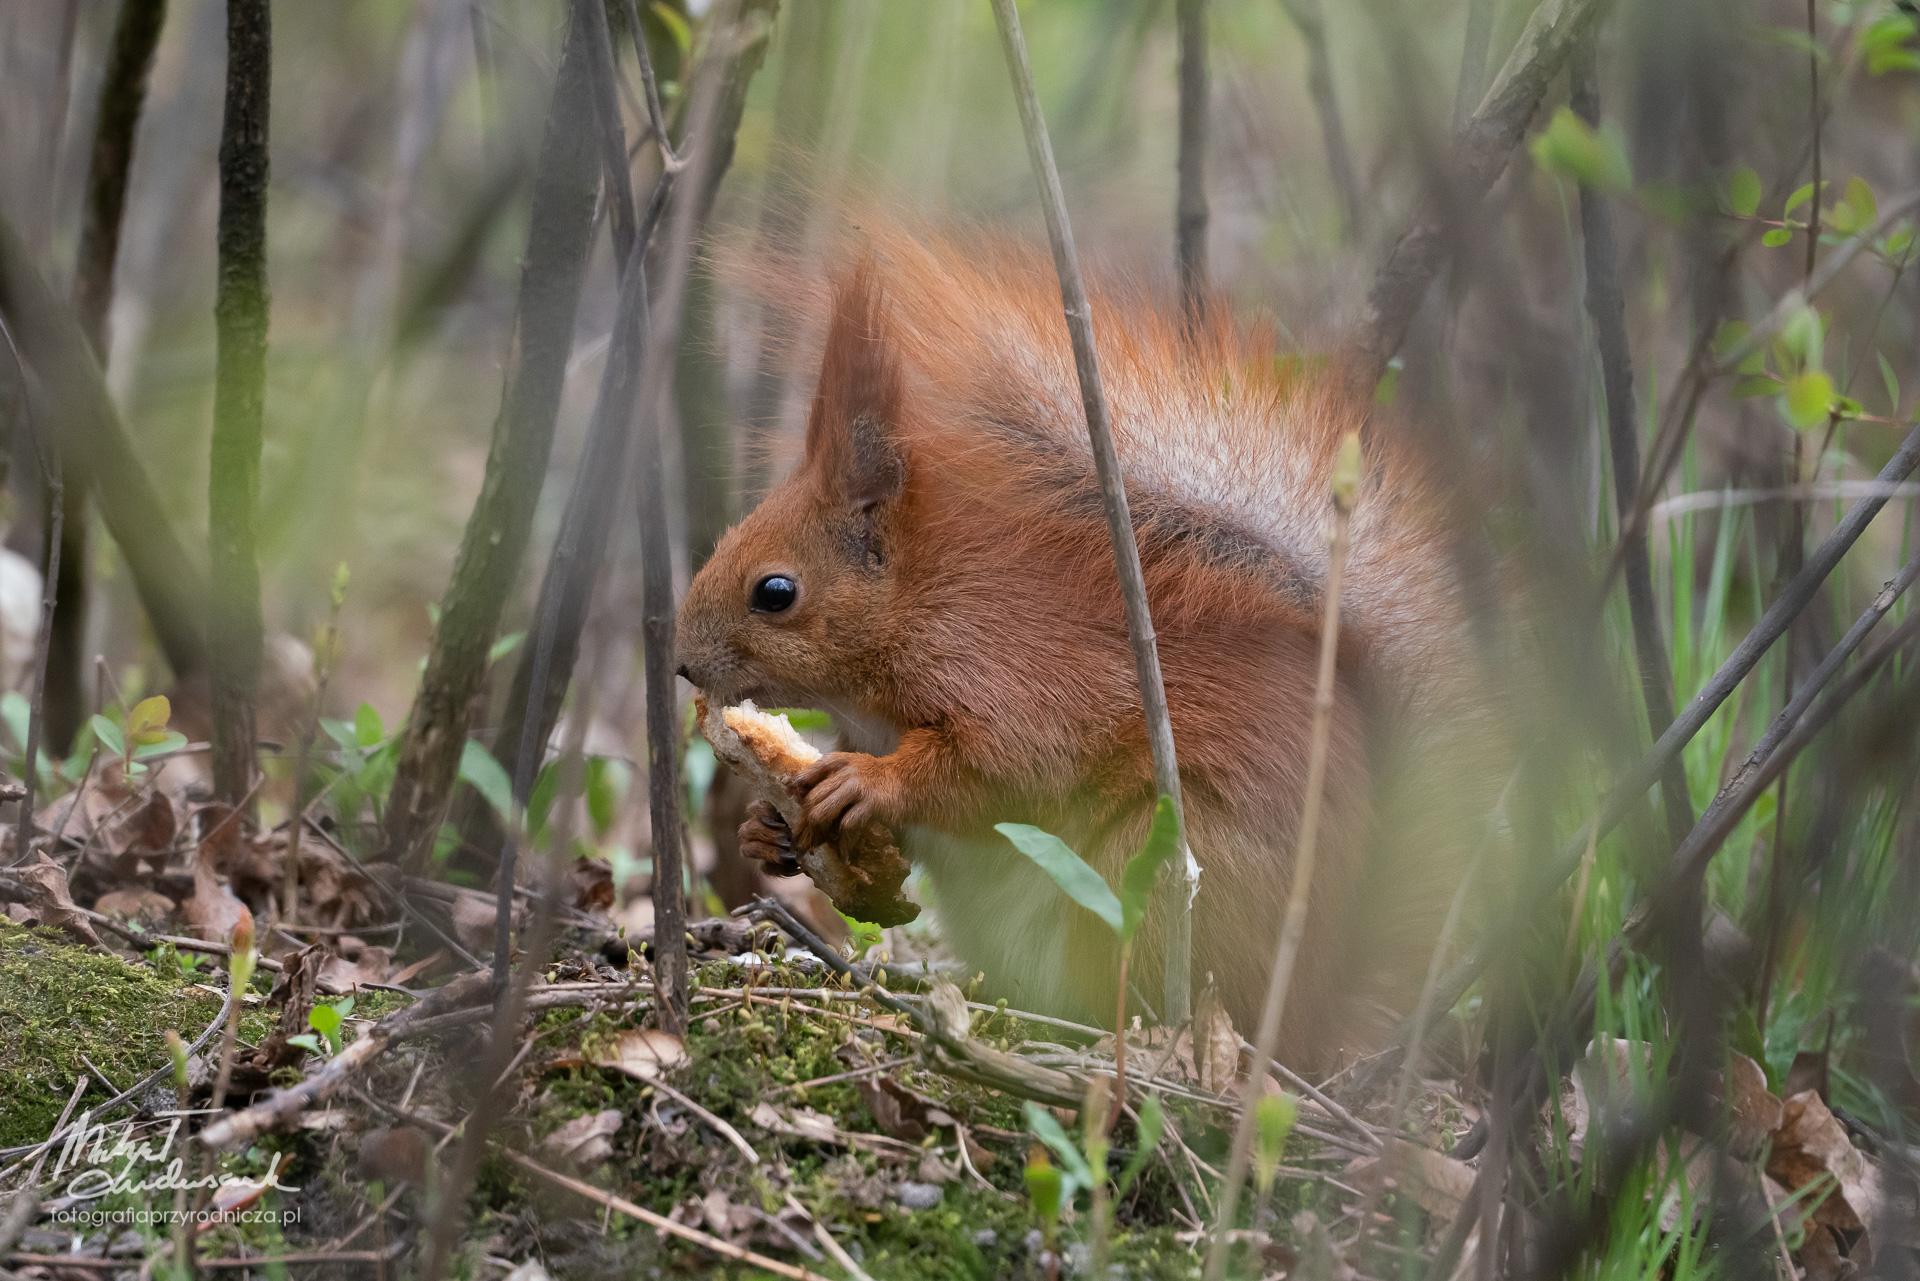 Wiewiórka pałaszuje kromkę suchego chleba